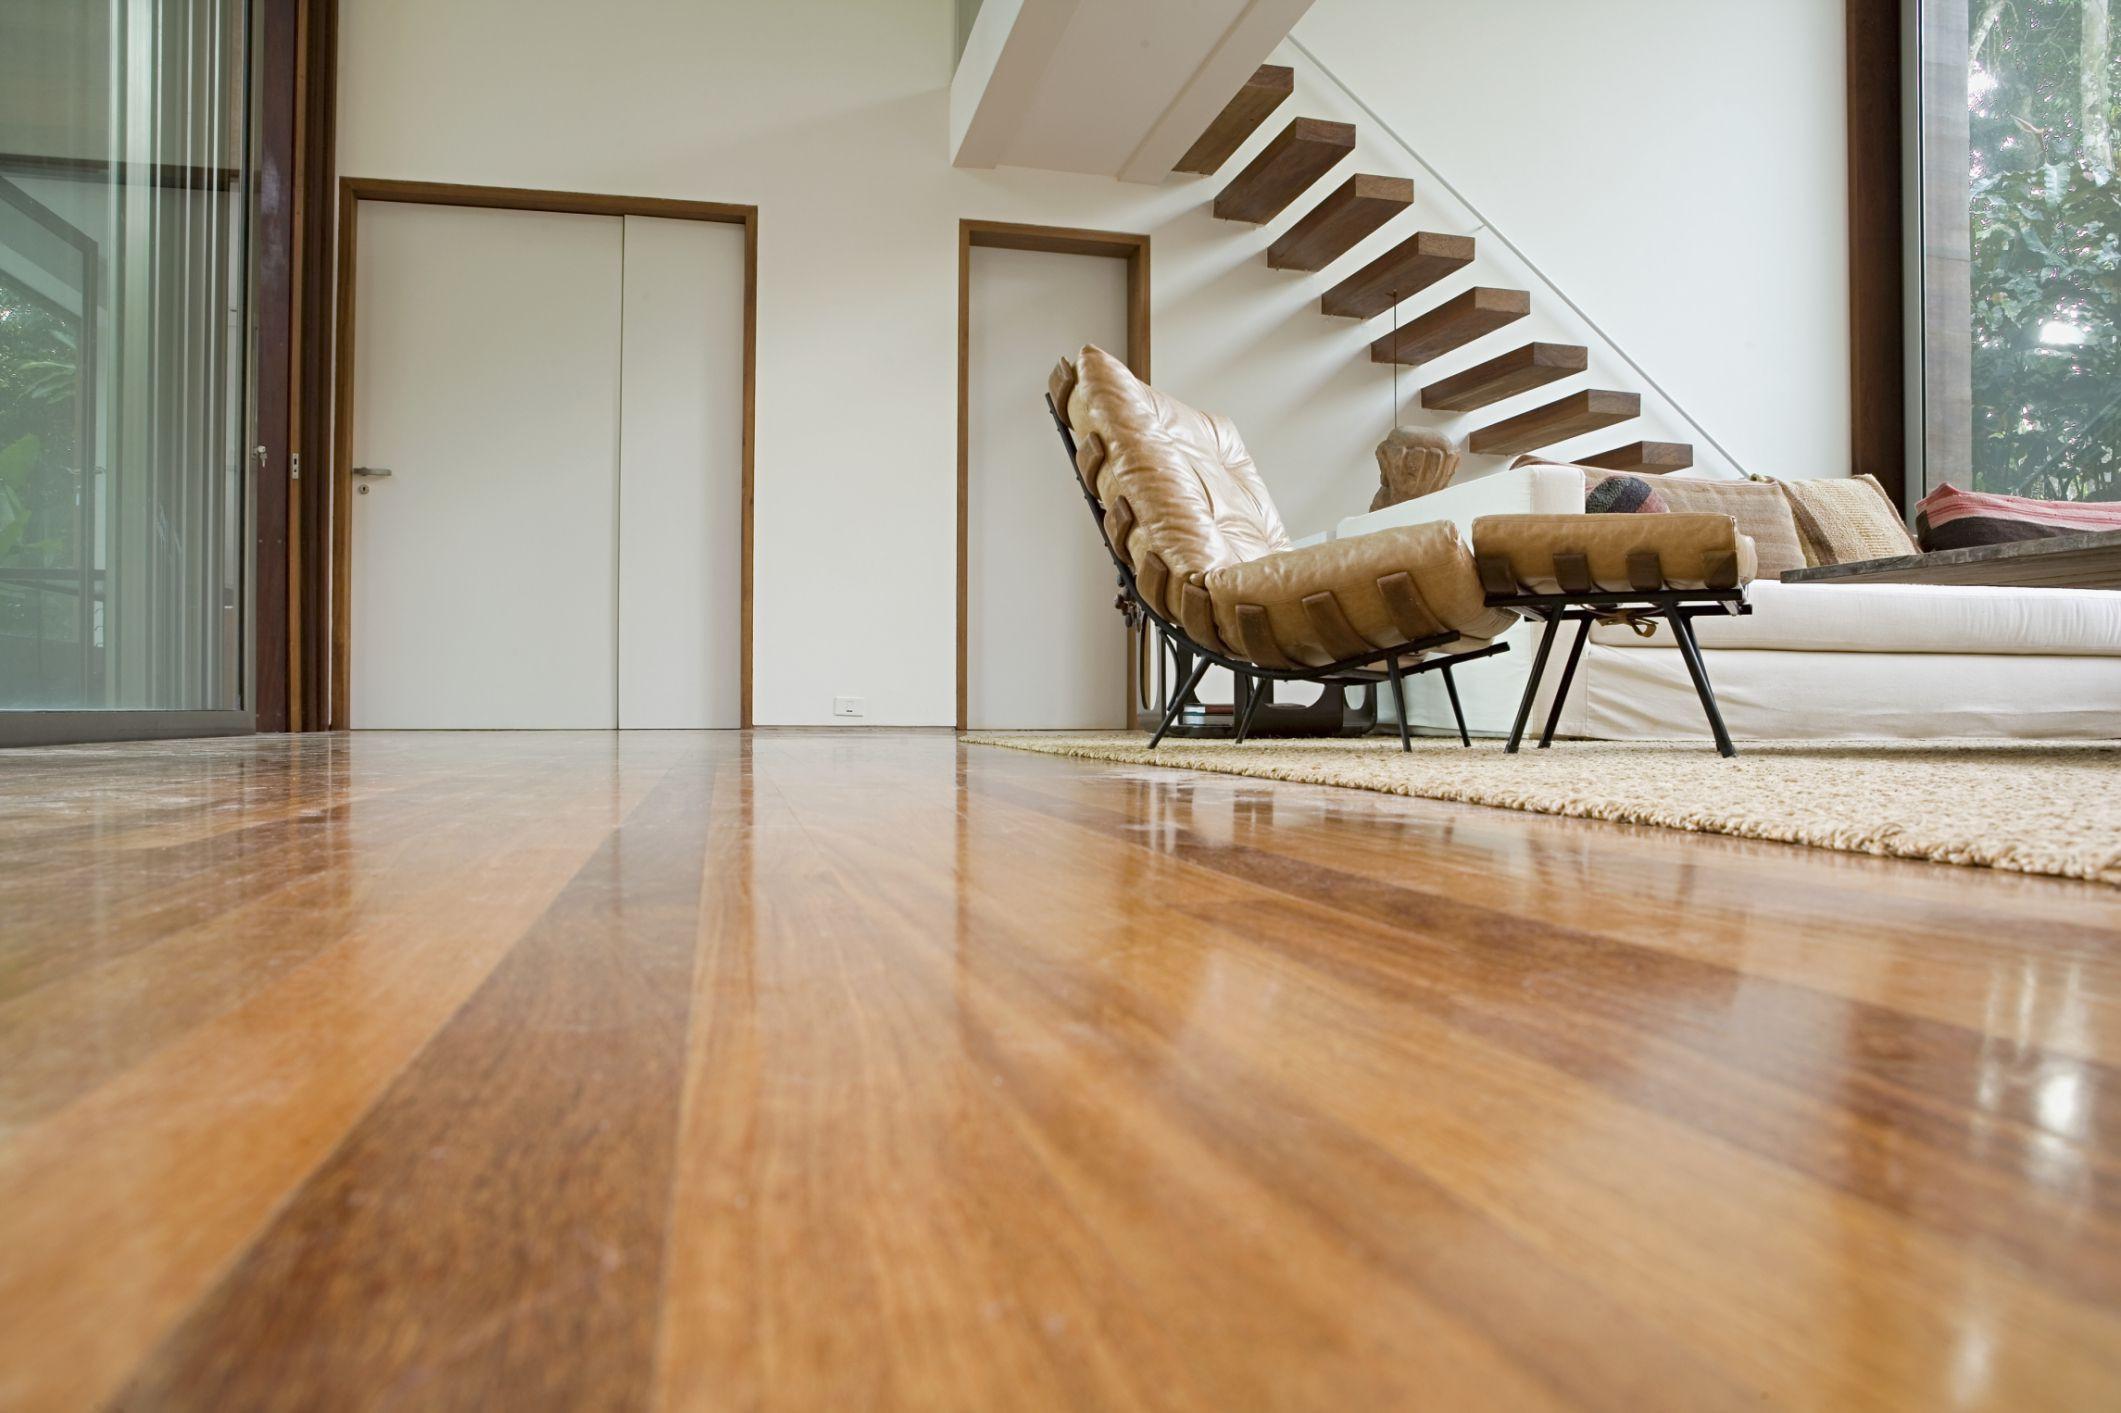 1 1 2 wide oak hardwood flooring of engineered wood flooring vs solid wood flooring regarding 200571260 001 highres 56a49dec5f9b58b7d0d7dc1e